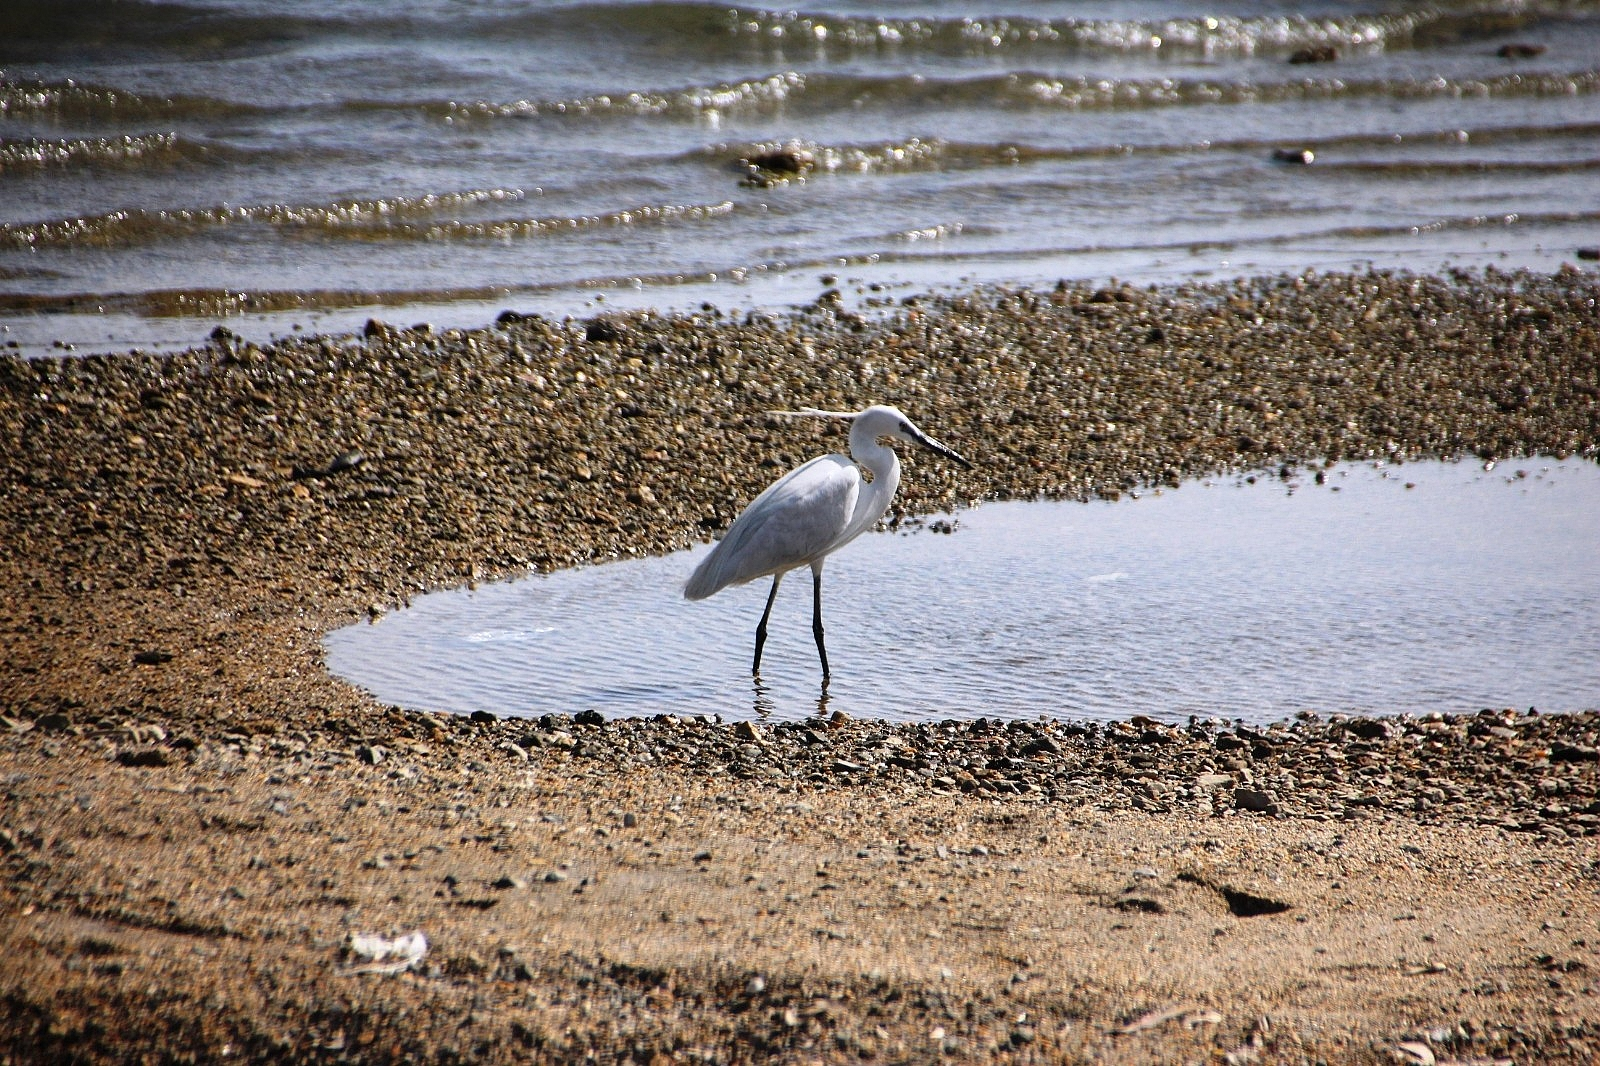 2021/05/sahiller-bos-kalinca-yaban-hayvanlari-sahillere-gelmeye-basladi-20210510AW31-1.jpg